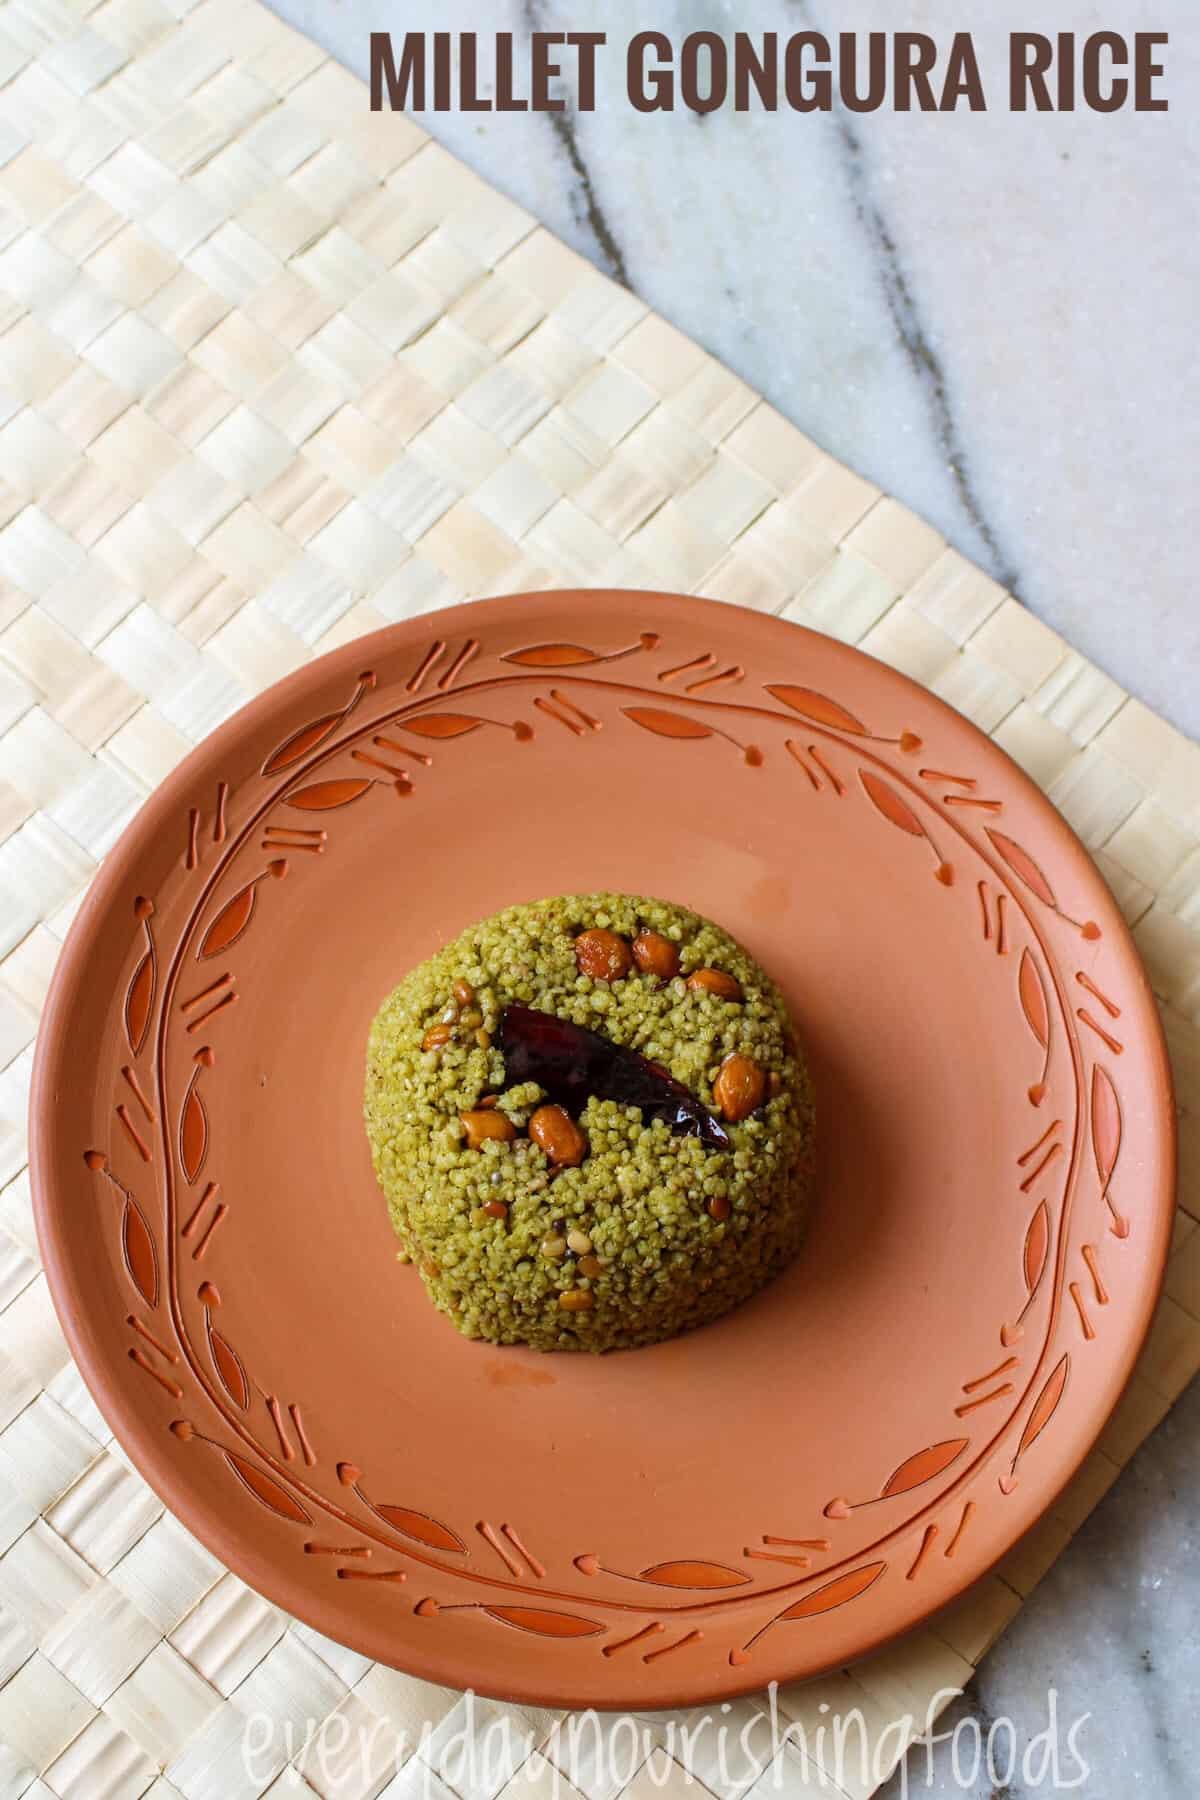 Gongura pulihora recipe image